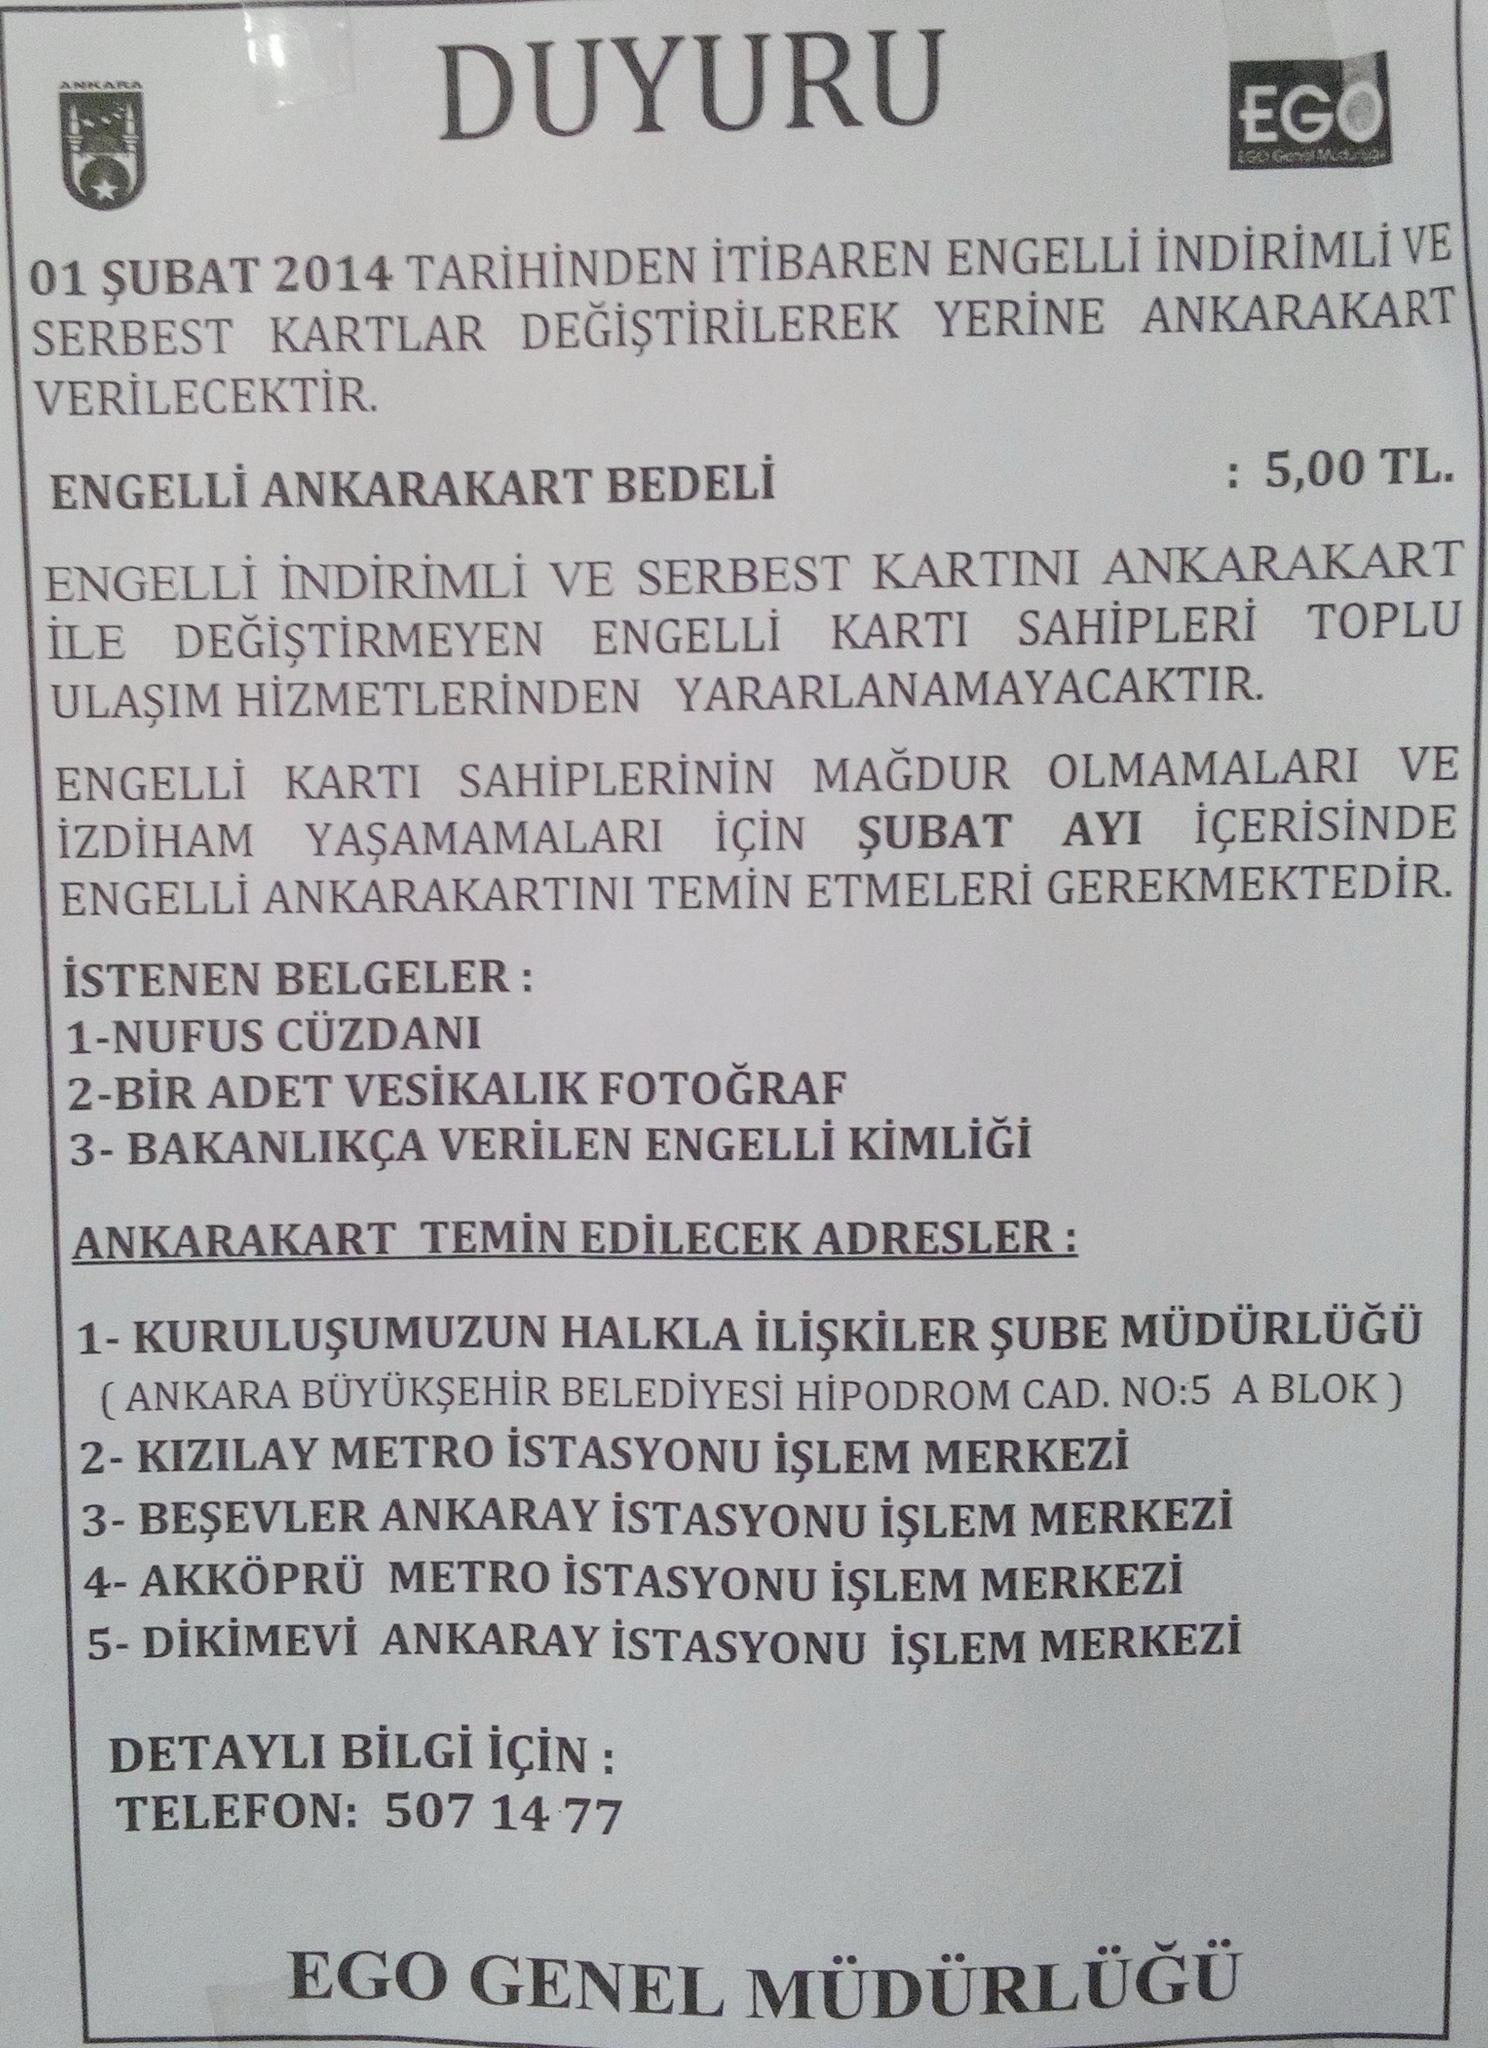 Kgn1jb - Ankara EGO Genel M�d�rli�� �cretsiz Kartlar Hak�nda